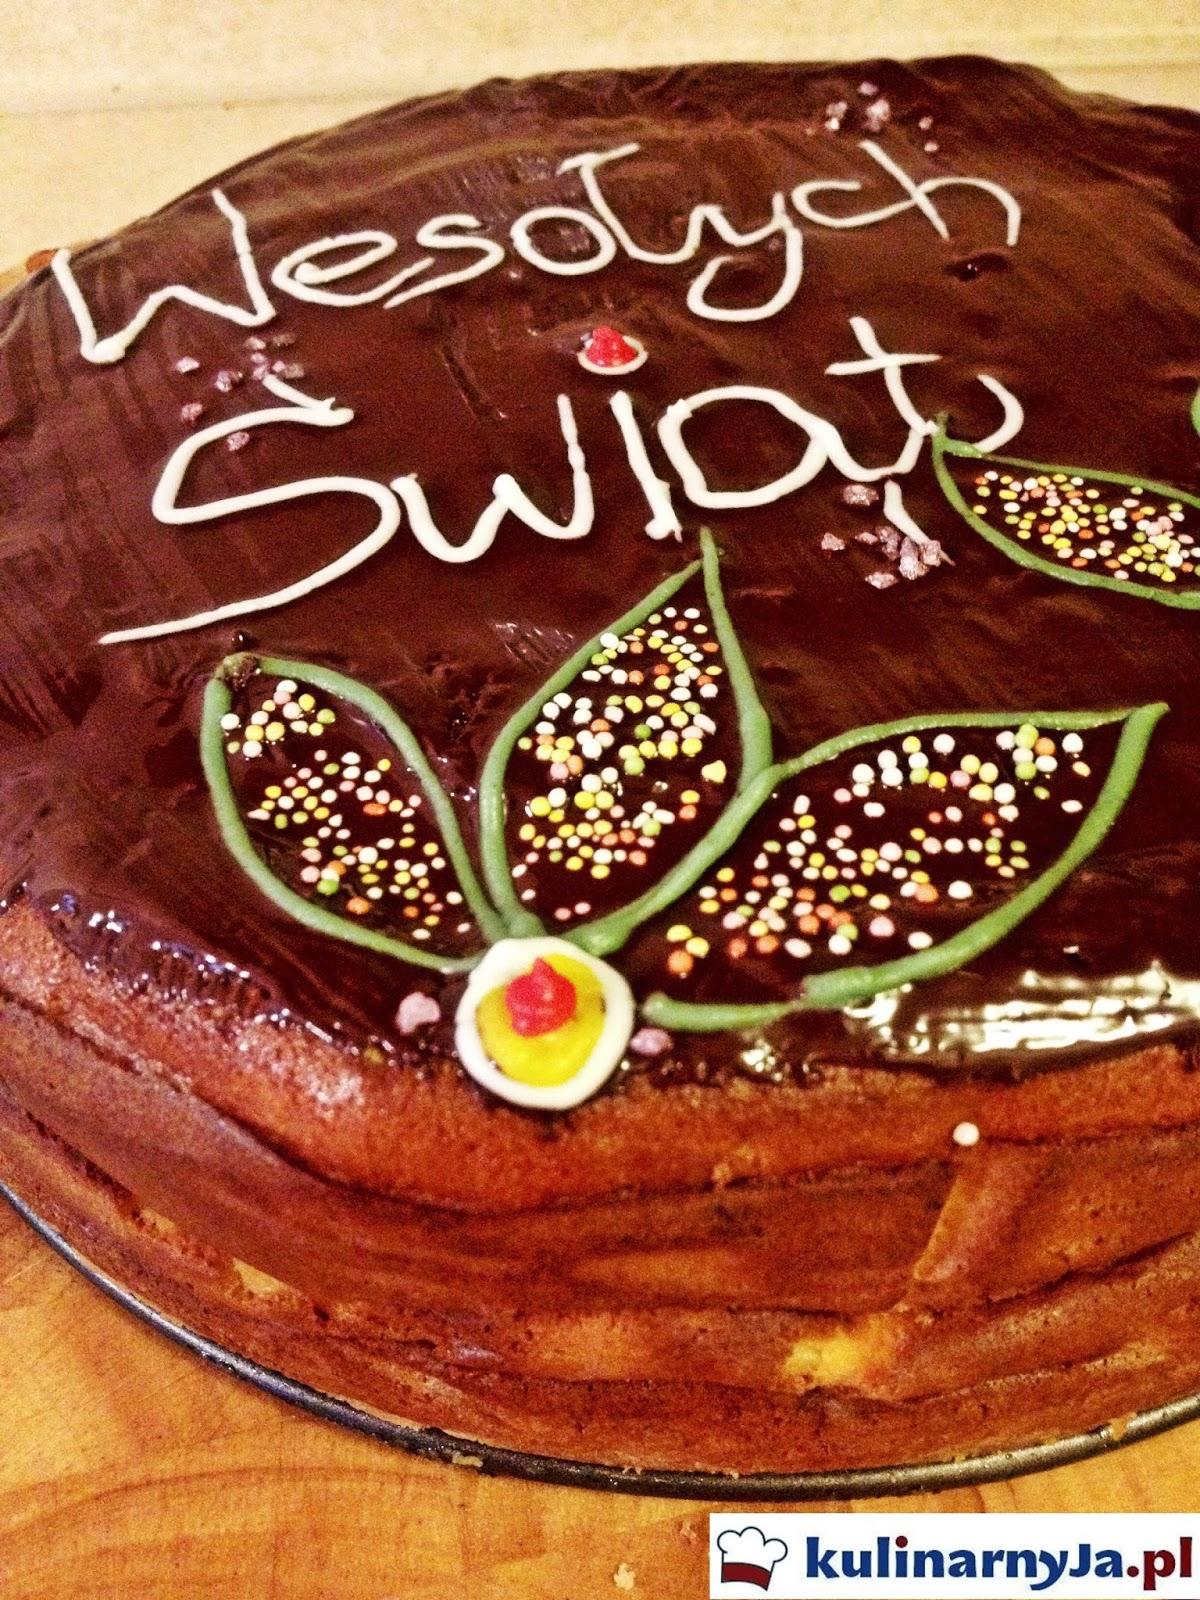 Sernik wielkanocny z polewą czekoladową